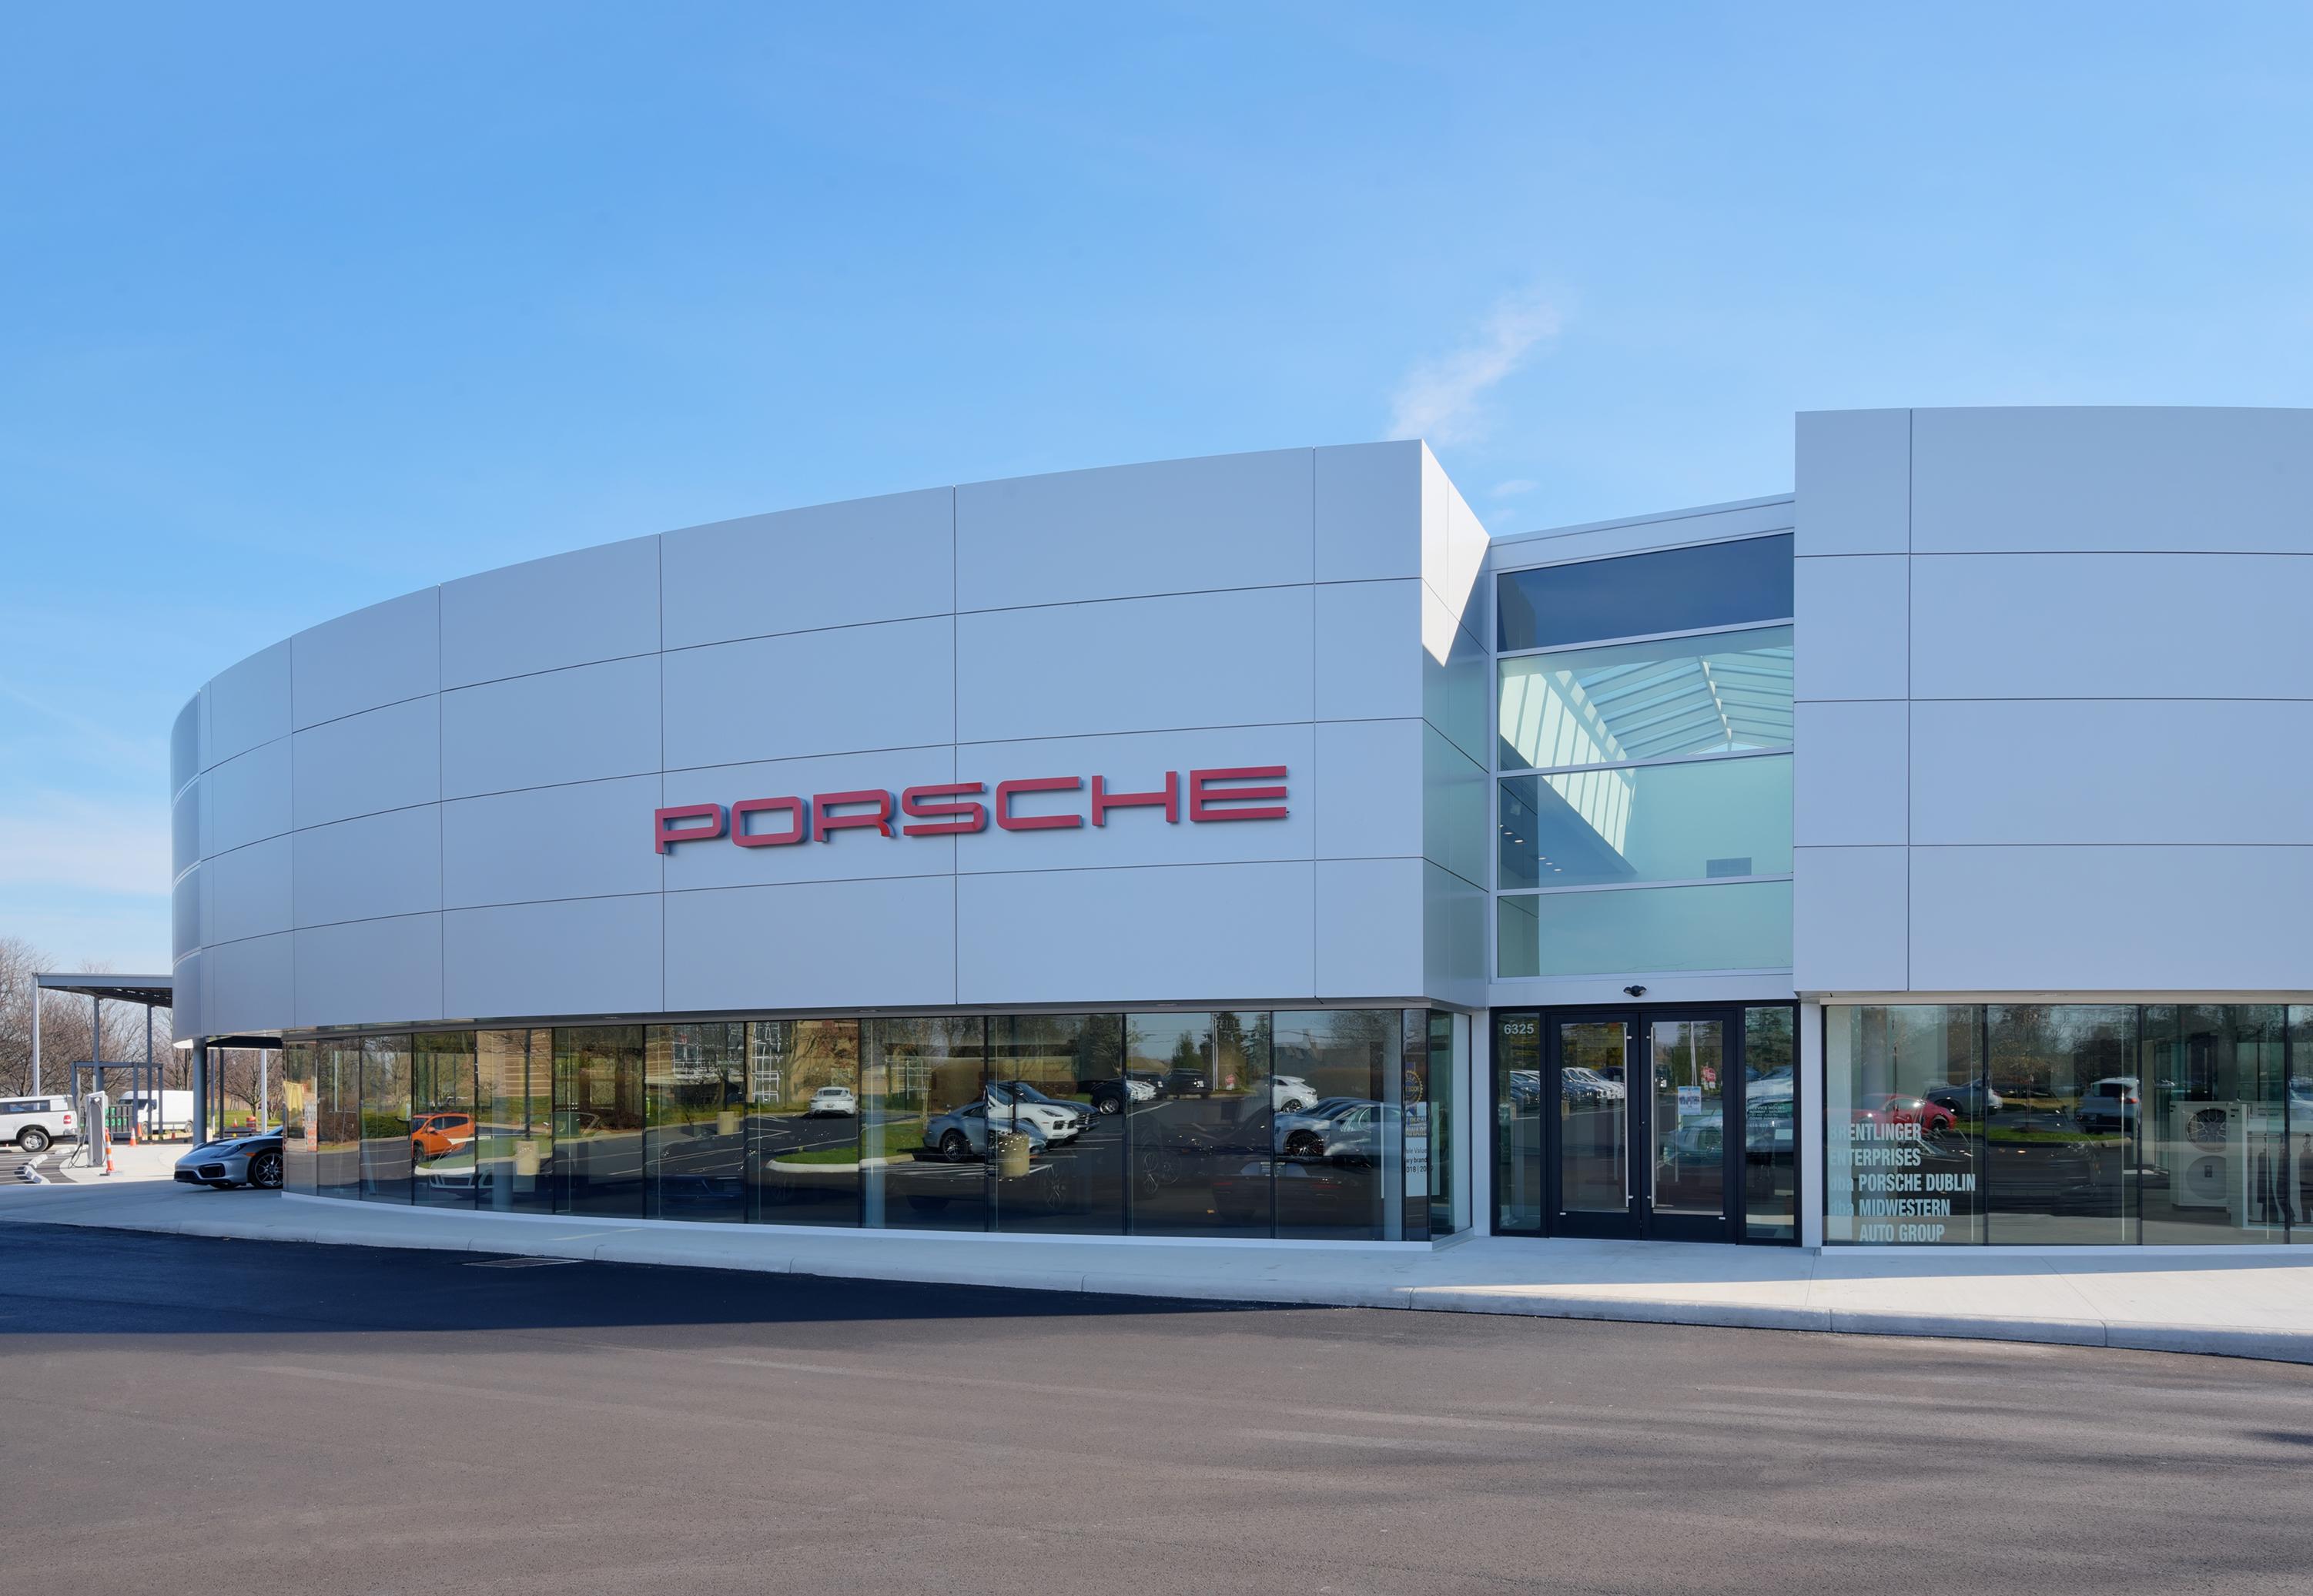 MAG Porsche